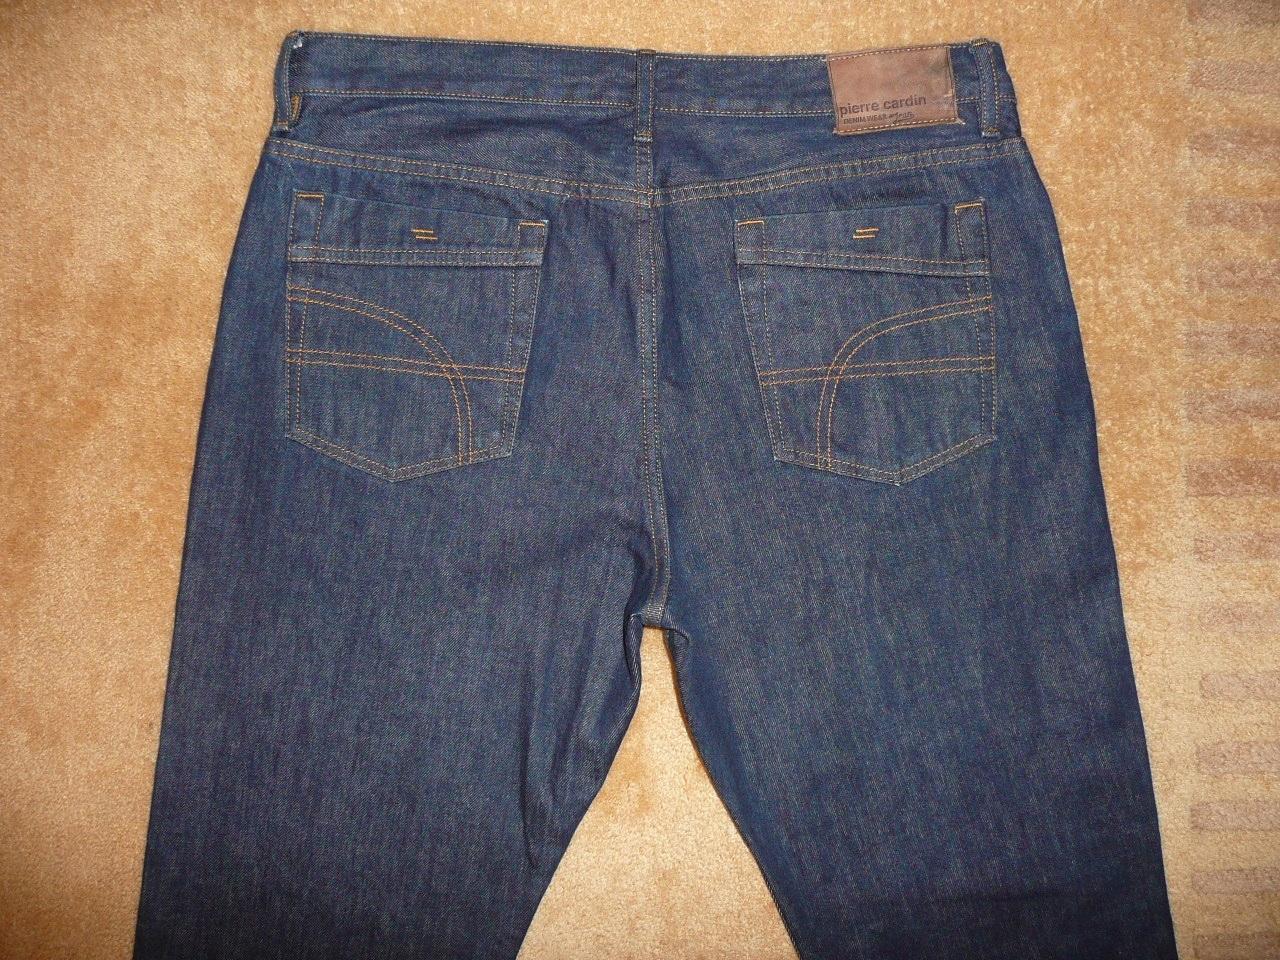 Spodnie dżinsy PIERRE CARDIN W36/L34=48/112cm